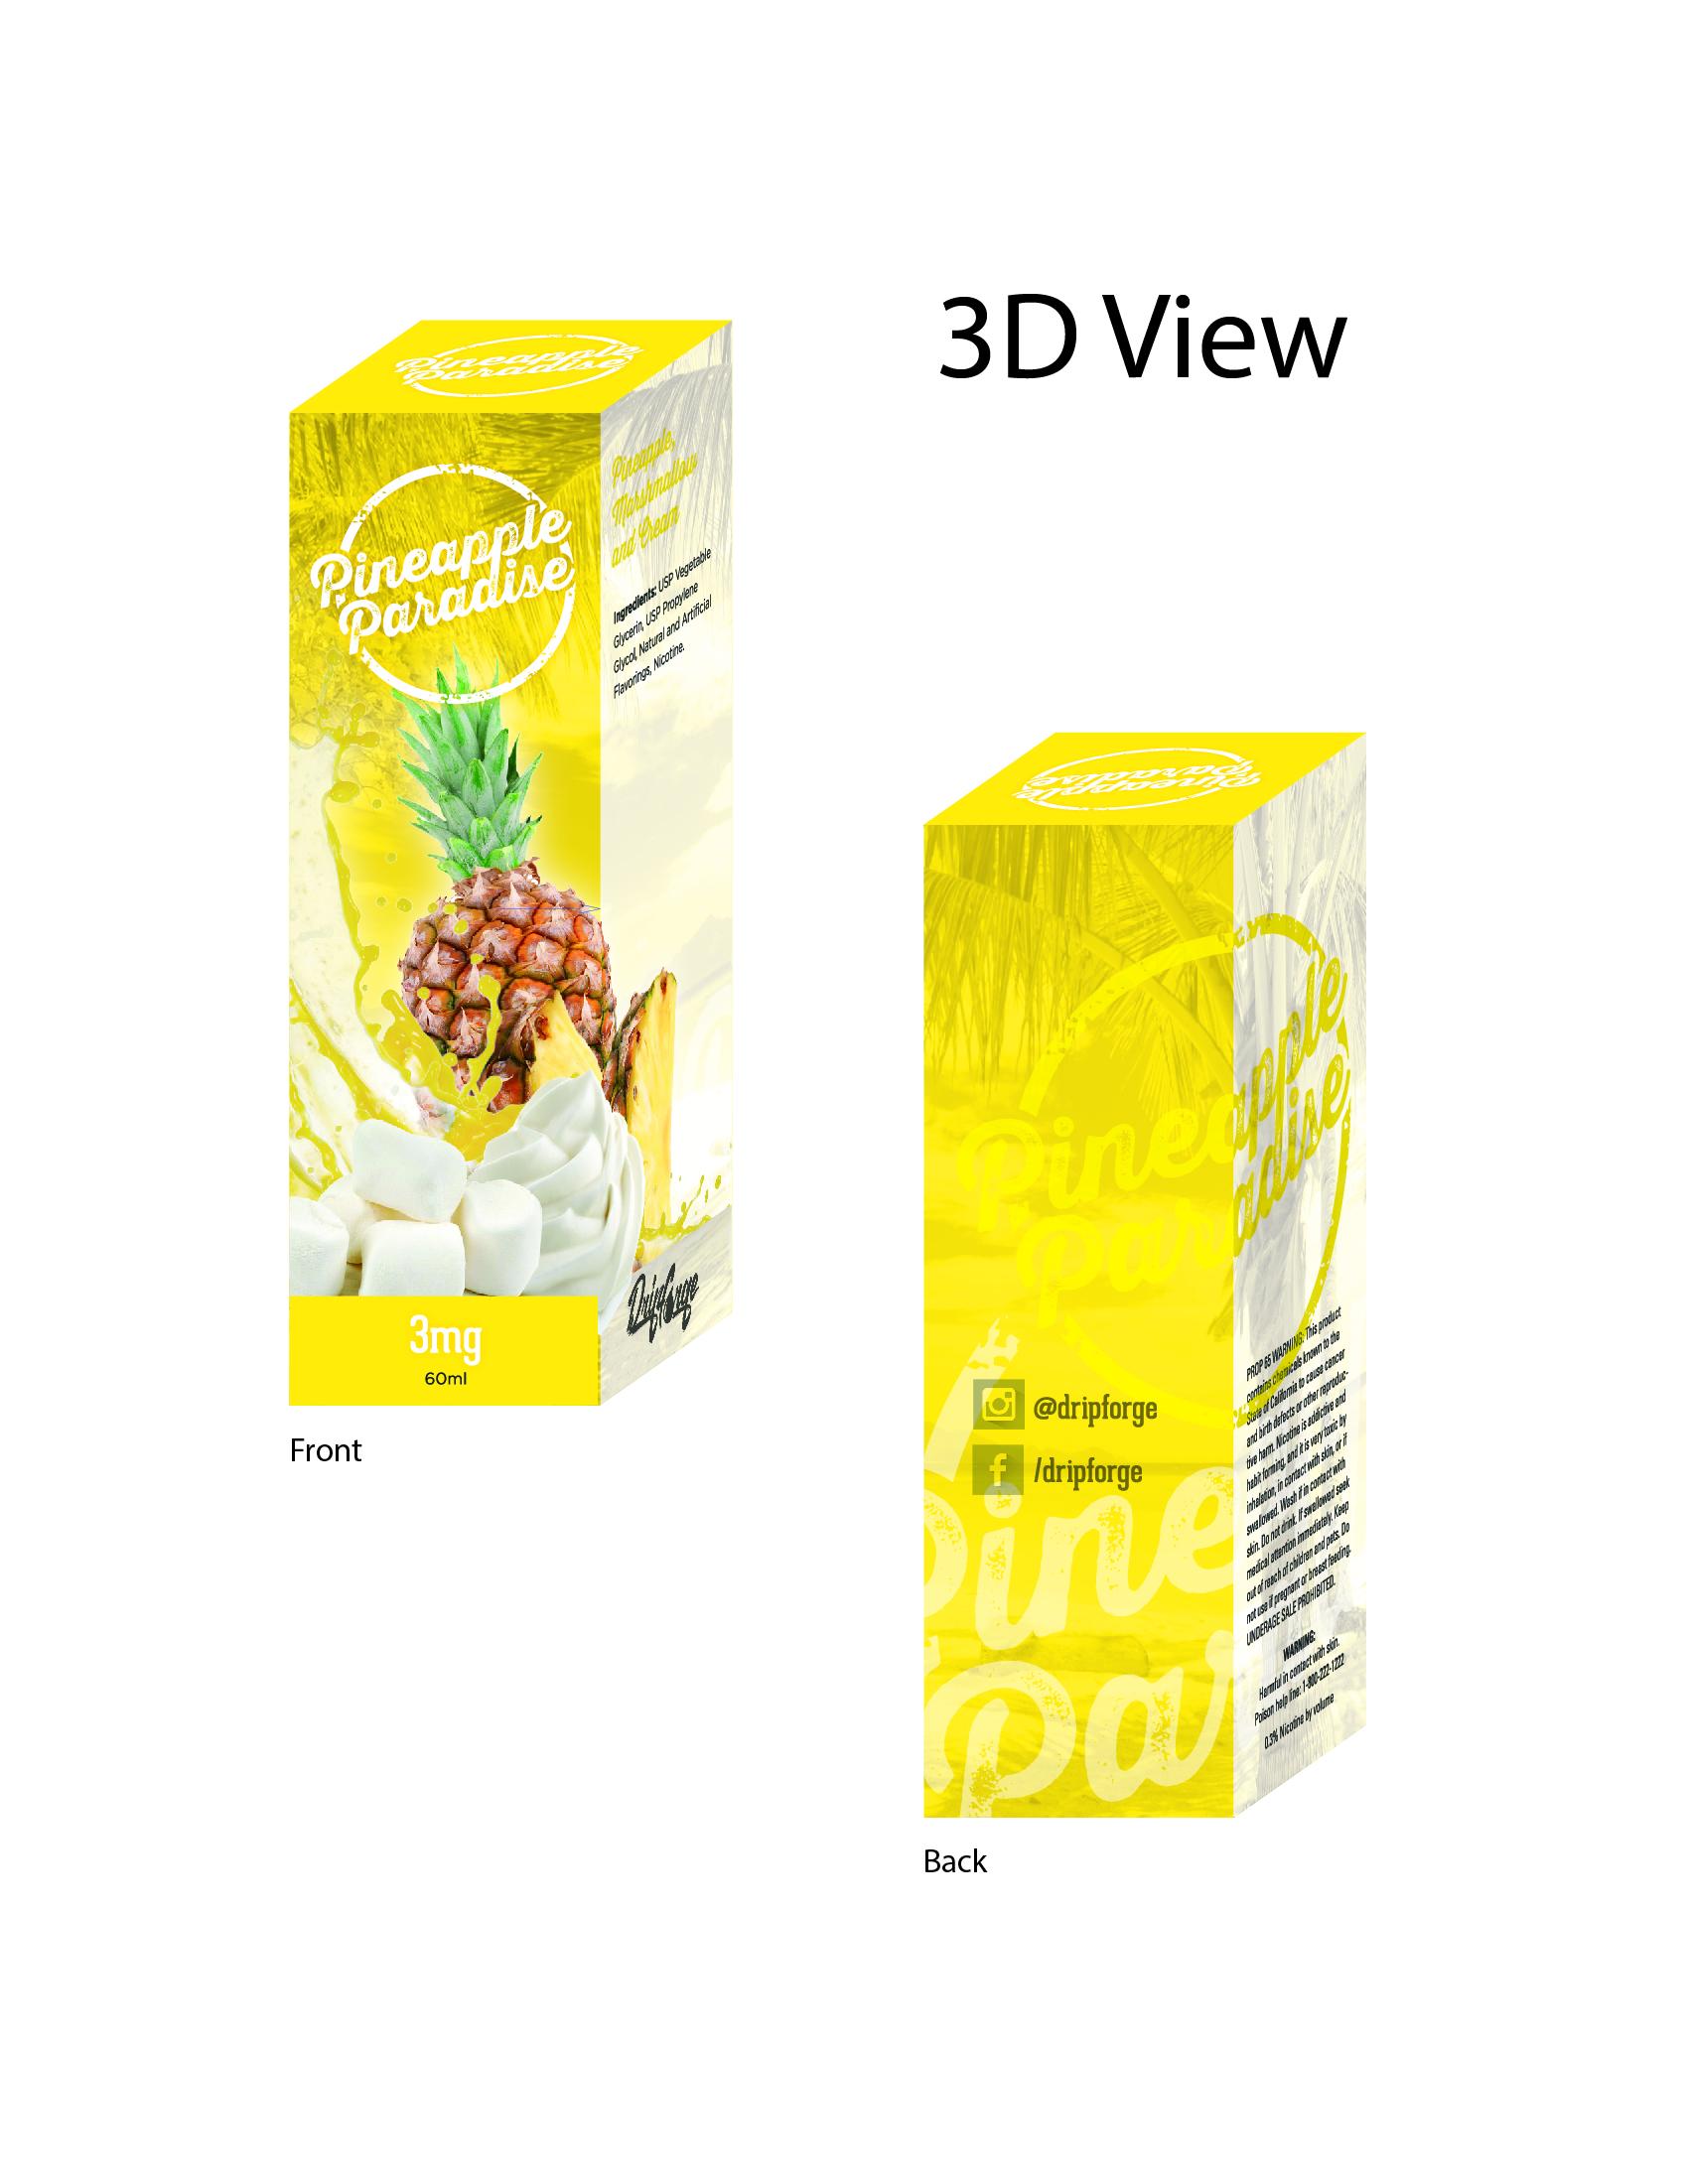 Packaging Design - Smart As A Fox